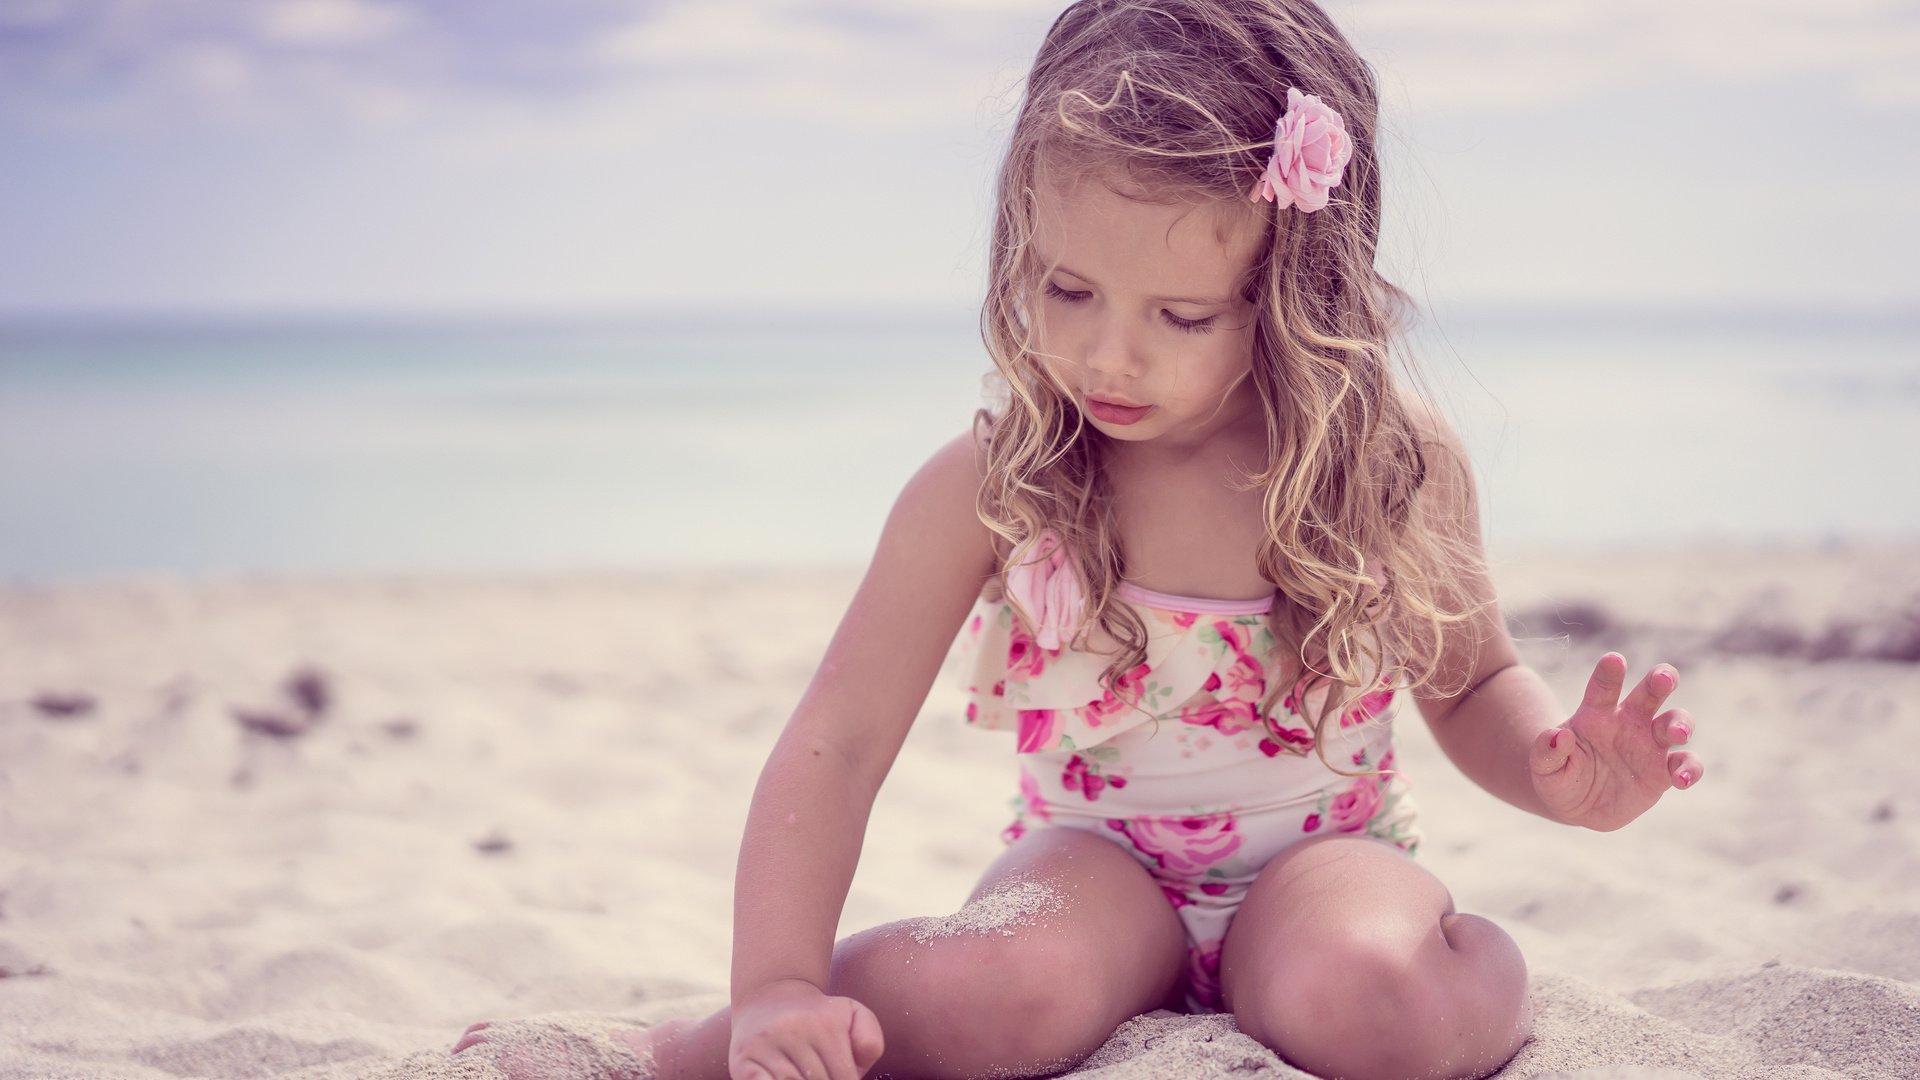 Фото маленька девочка и ее пися, Девочка созрела? Самые скандальные фотосессии юных 34 фотография